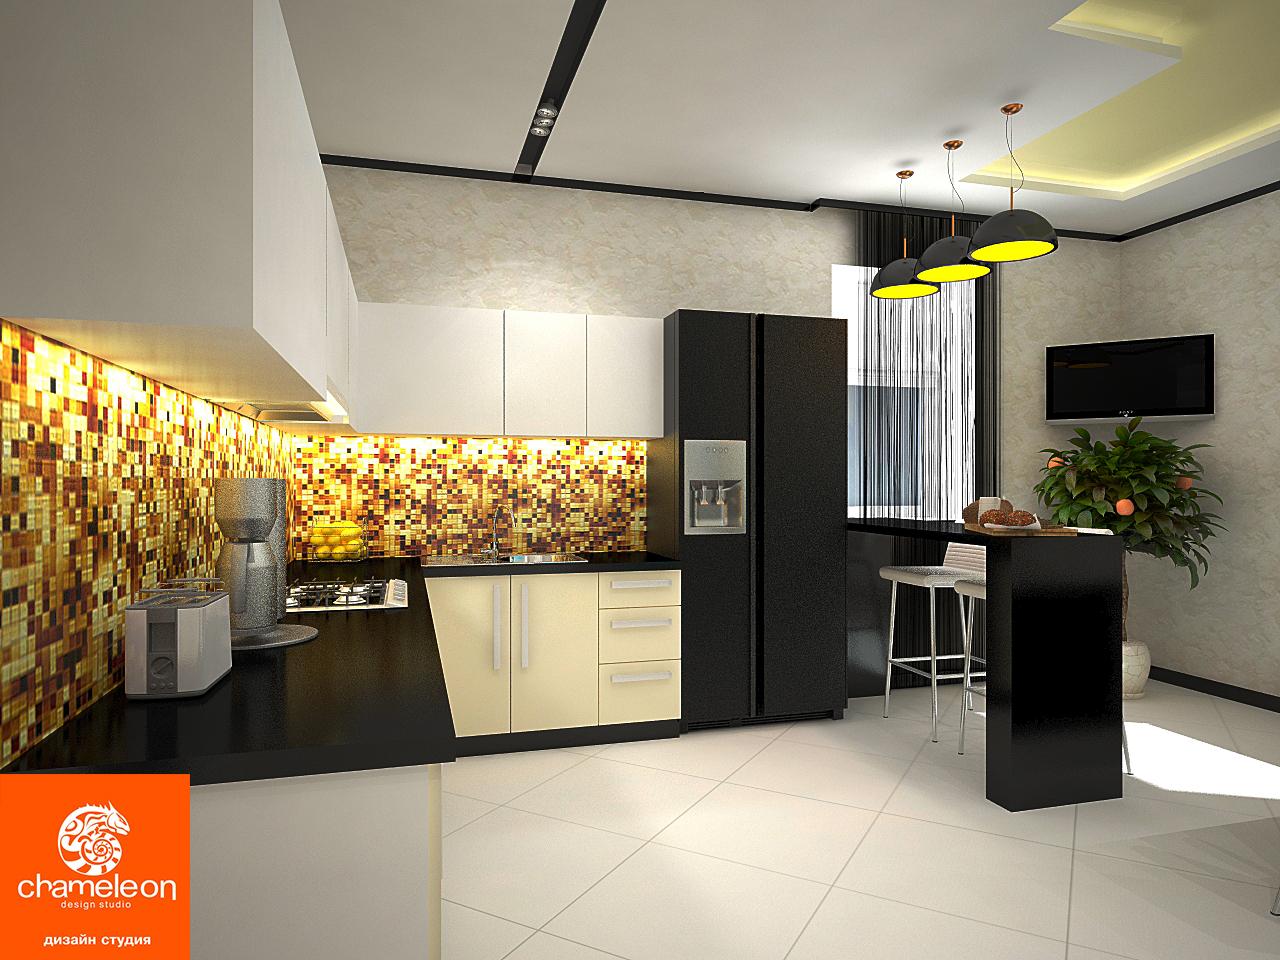 Дизайн кухни брест